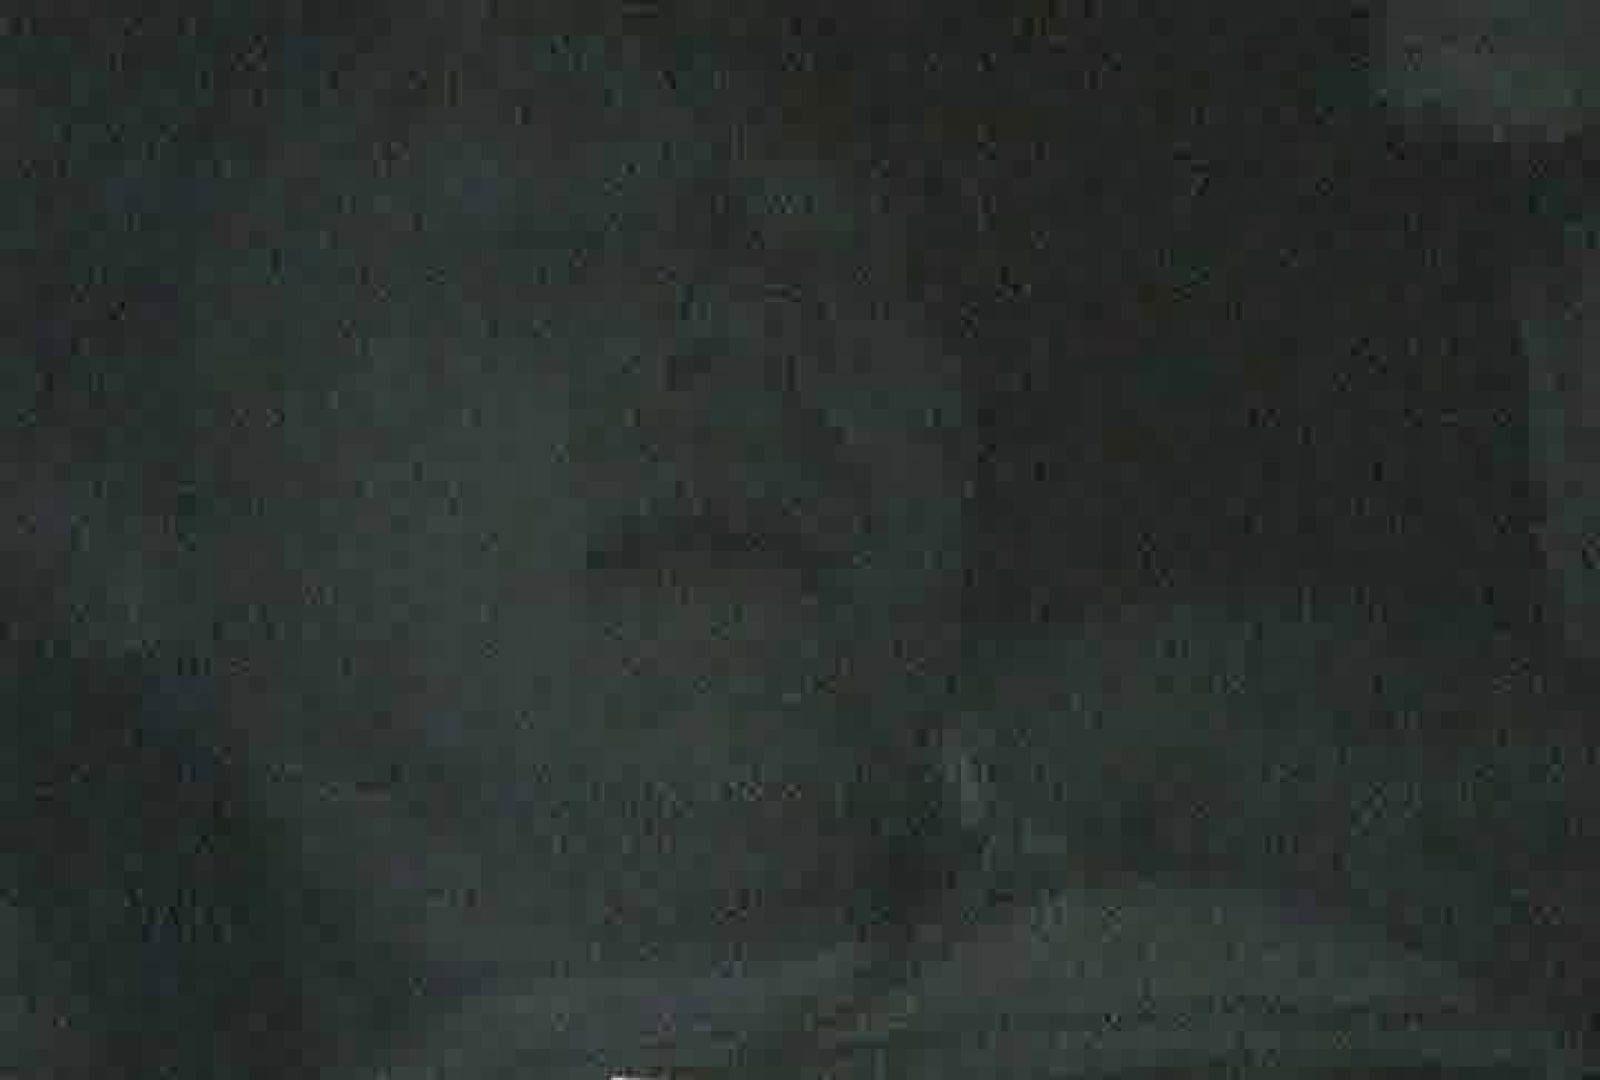 充血監督の深夜の運動会Vol.66 マンコ おまんこ無修正動画無料 109連発 47